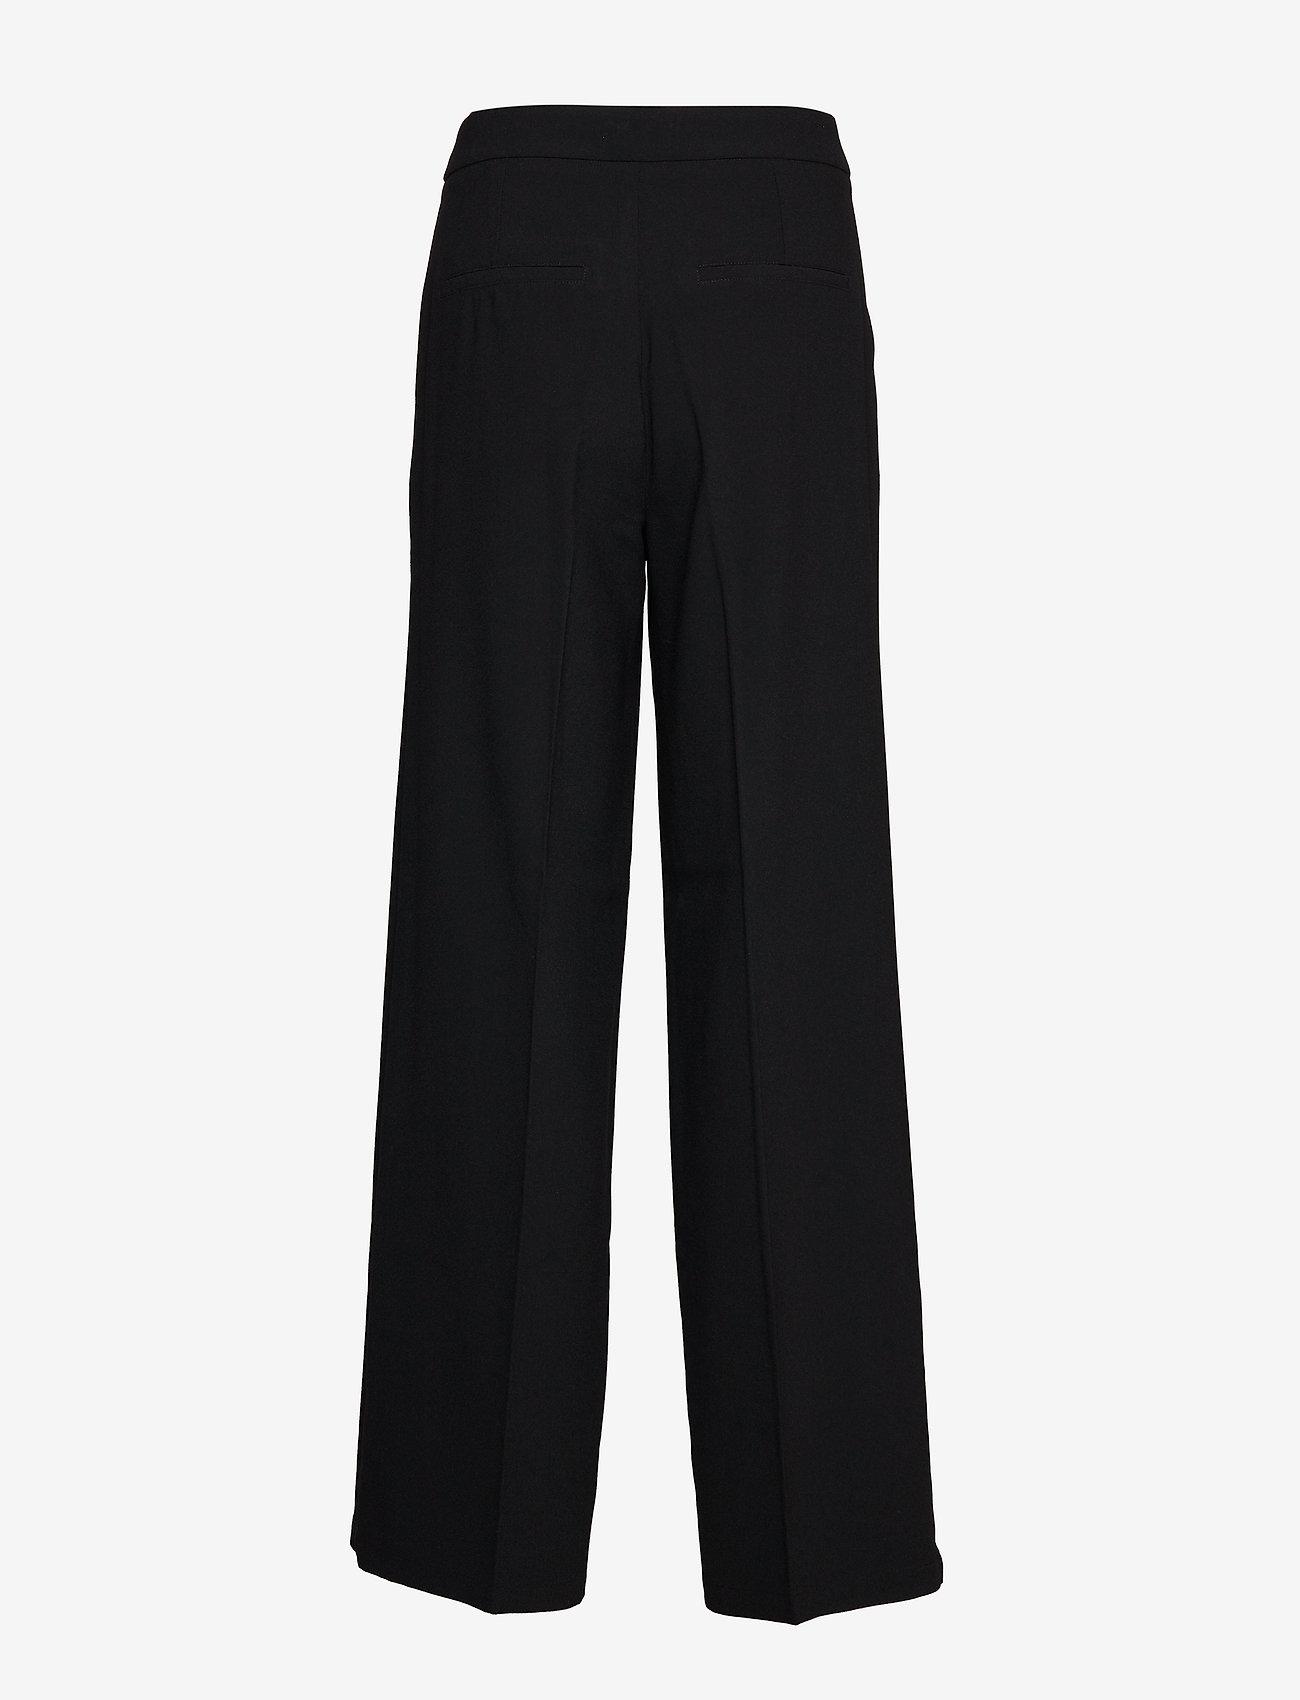 Selected Femme - SLFTINNI MW WIDE PANT B NOOS - uitlopende broeken - black - 1